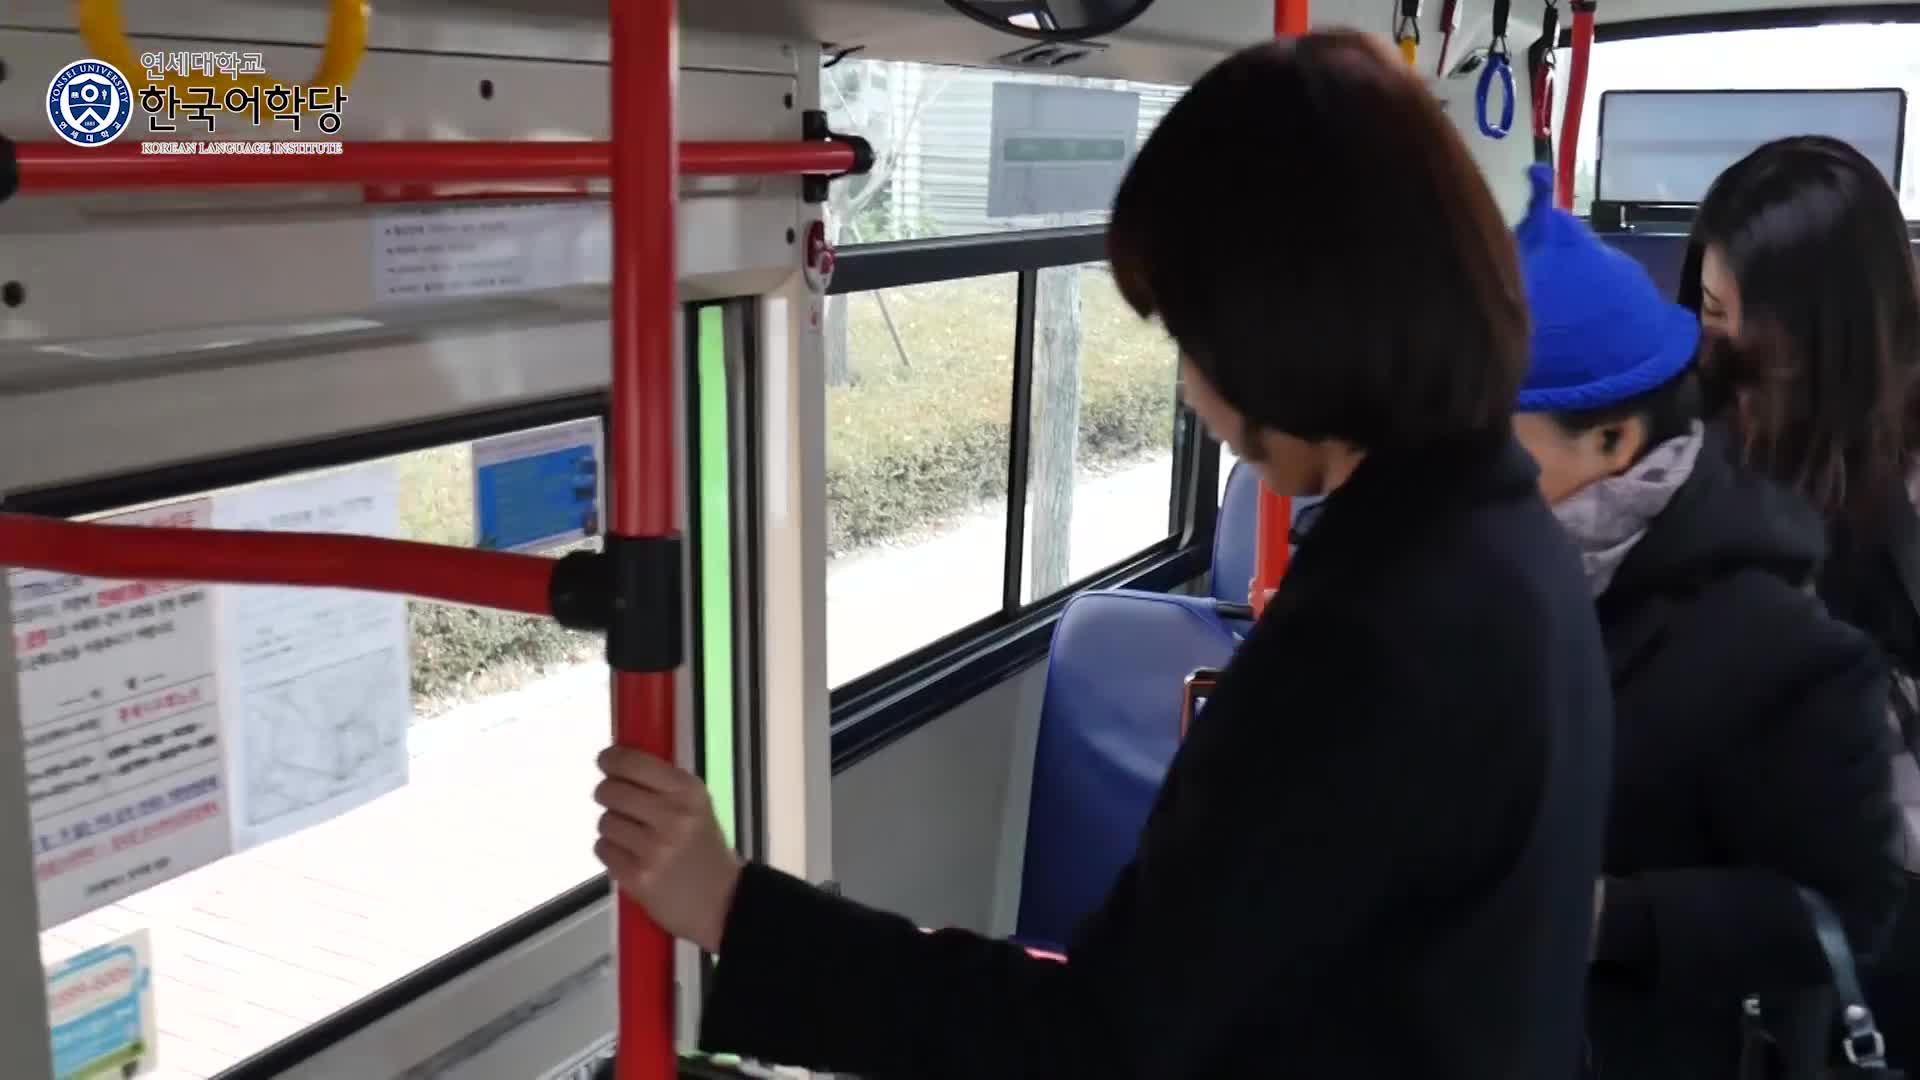 [1분 한국생활]한국의 버스 이용하기